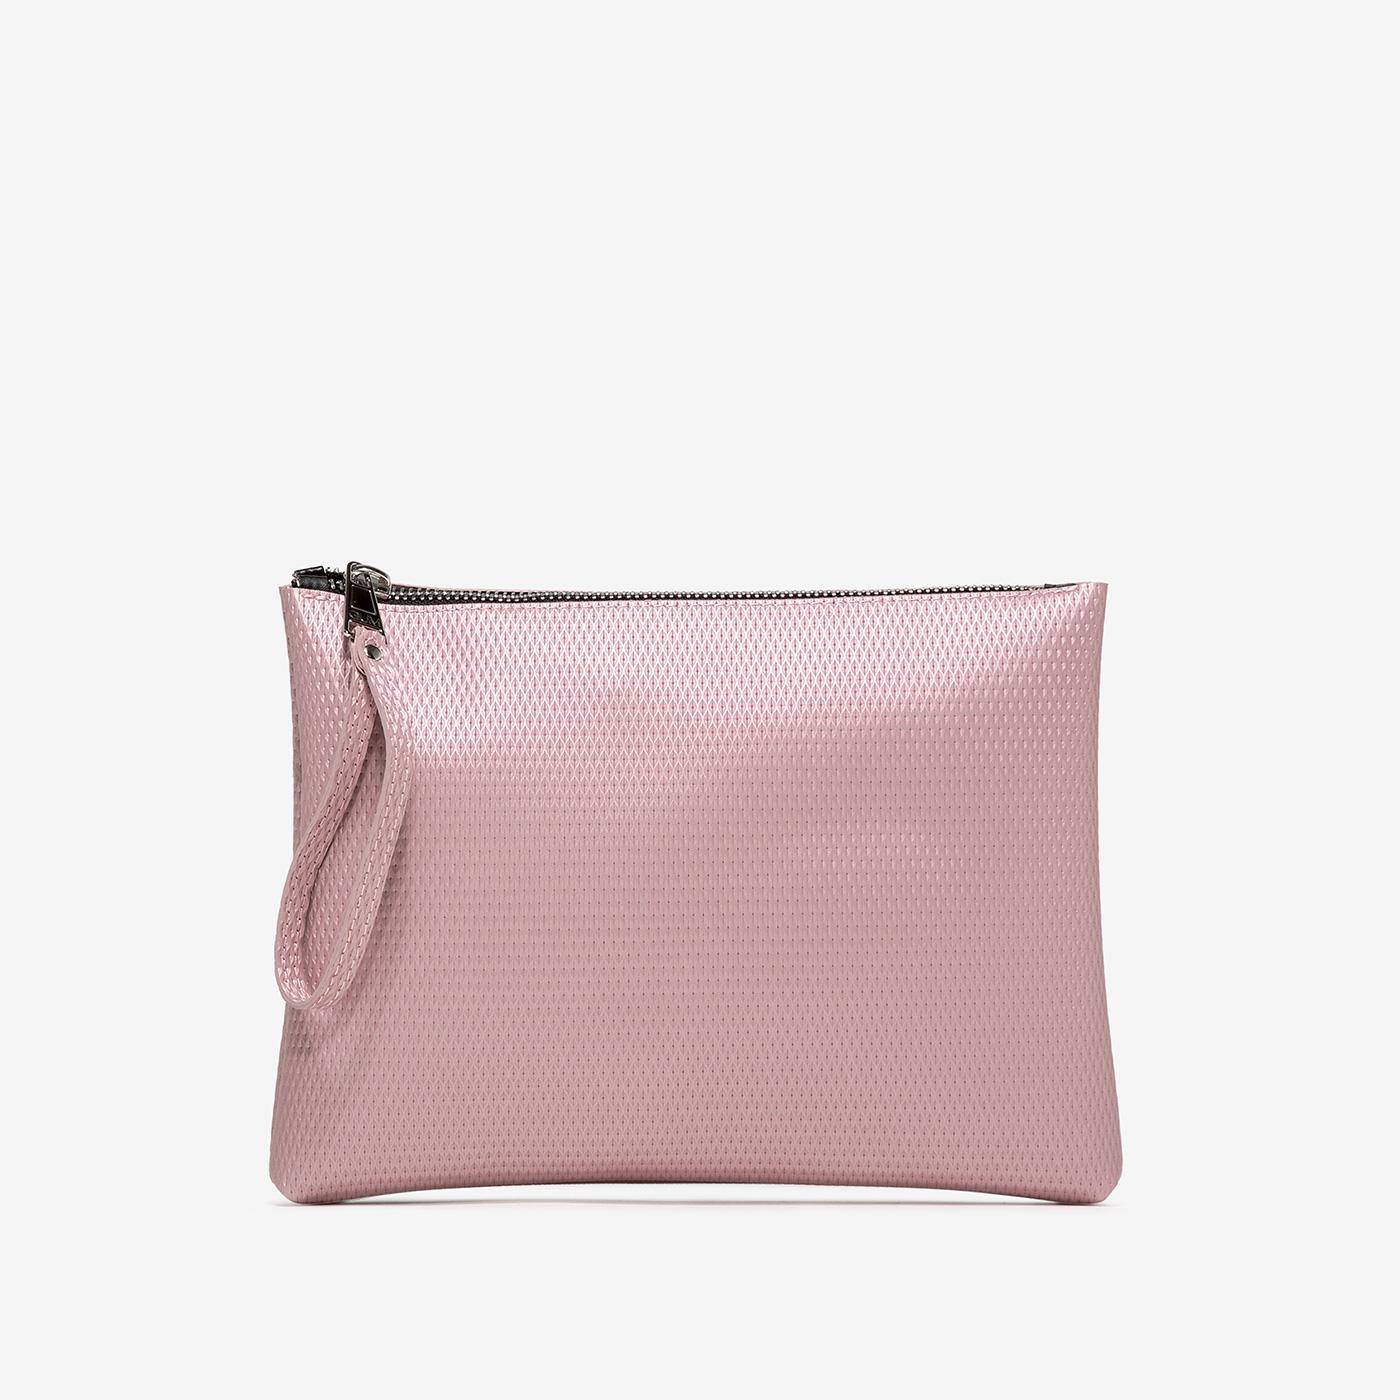 GUM: NUMBERS MAXI CLUTCH BAG